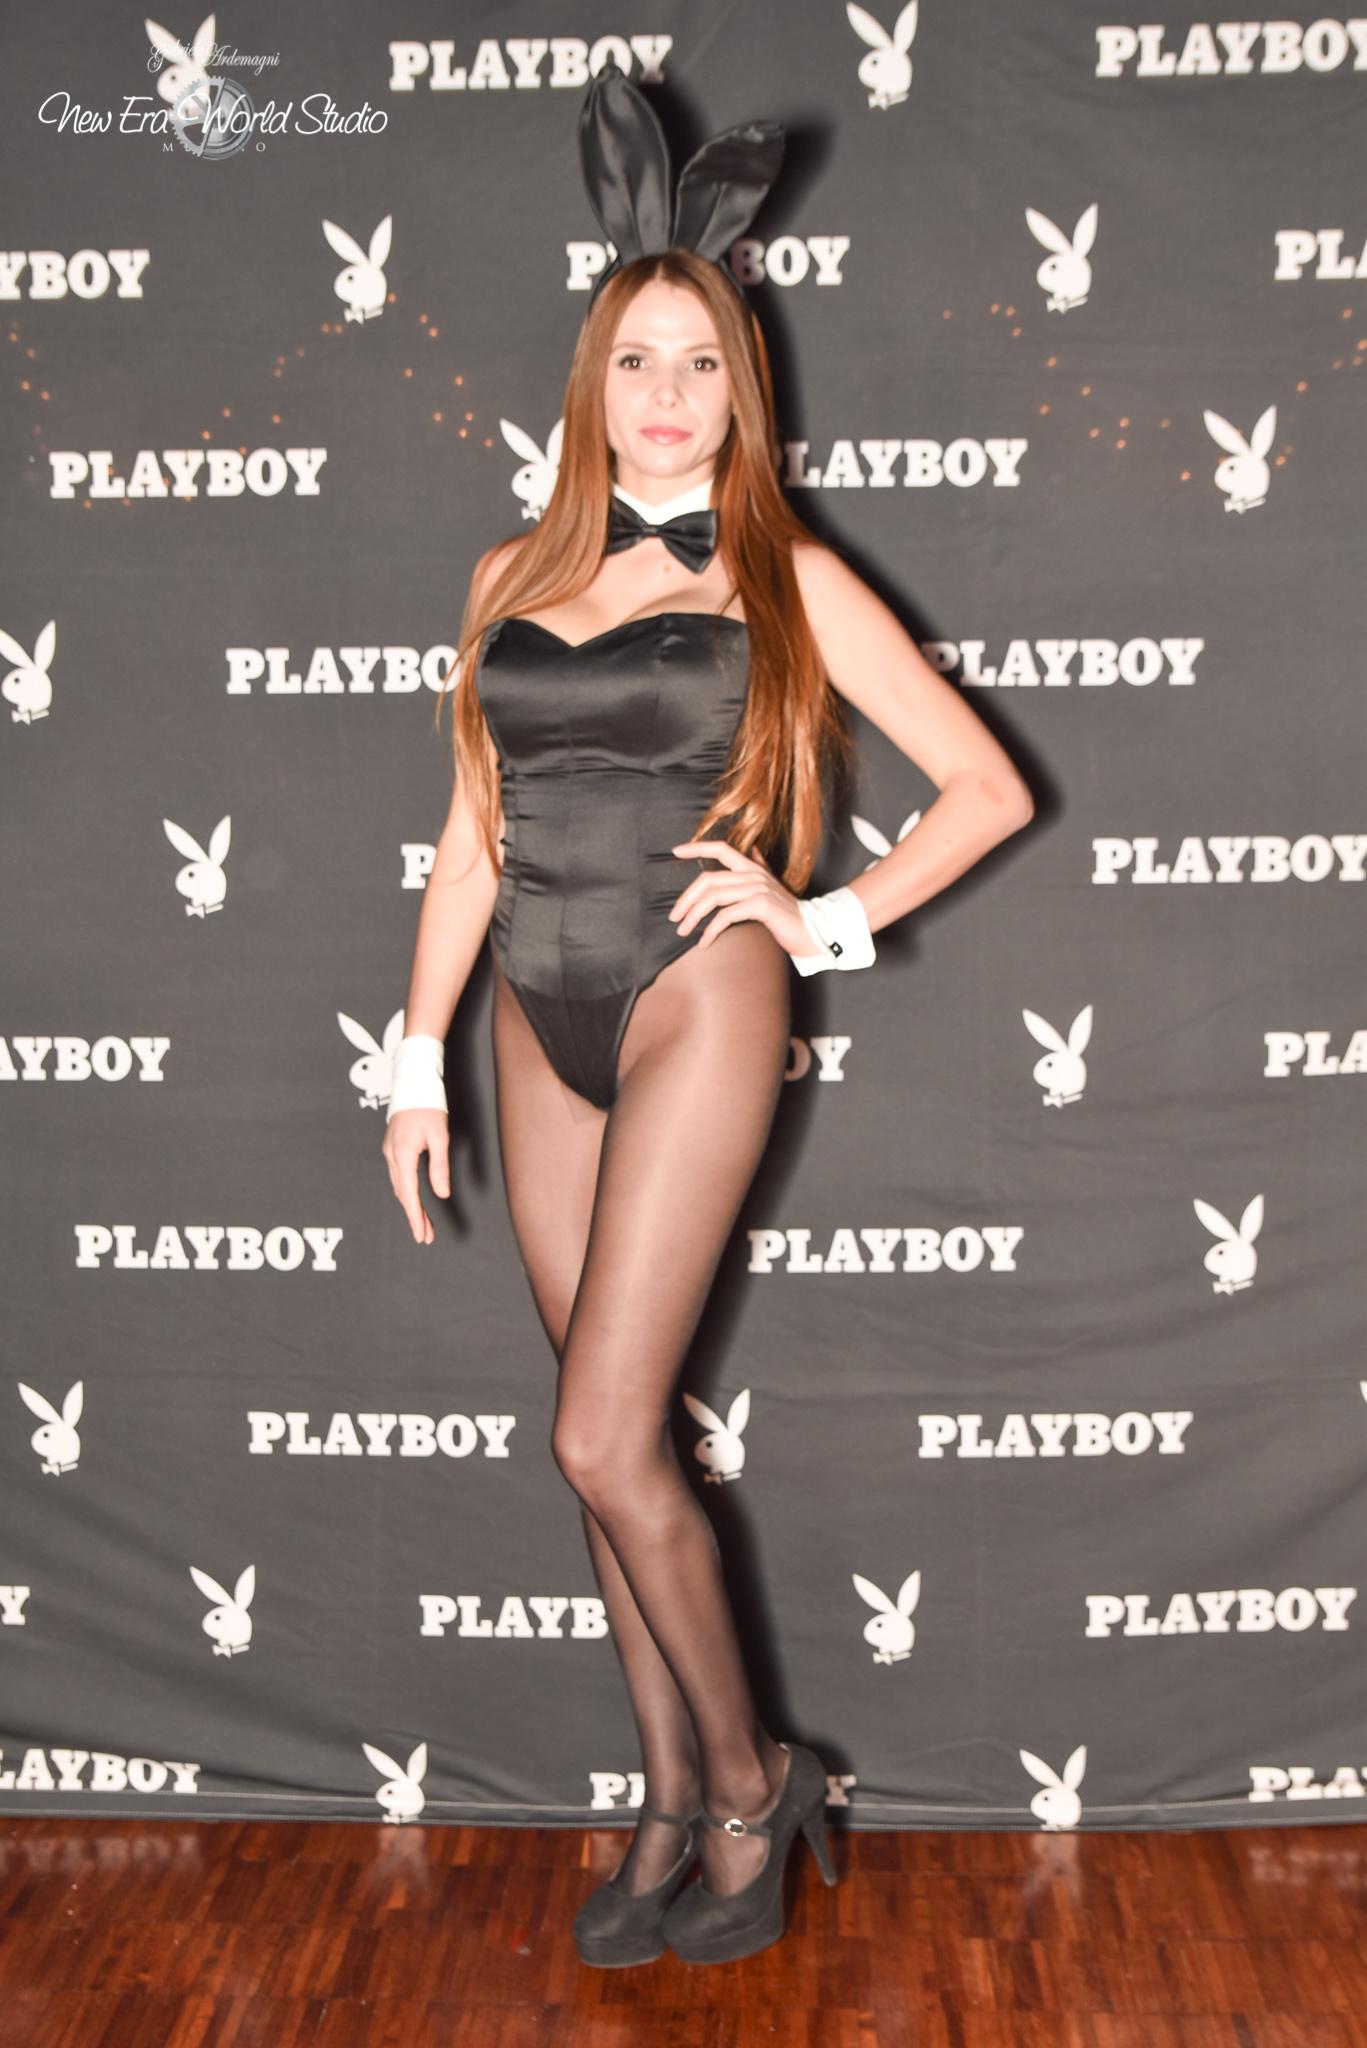 Playboy Italia 2017 Party #playboy